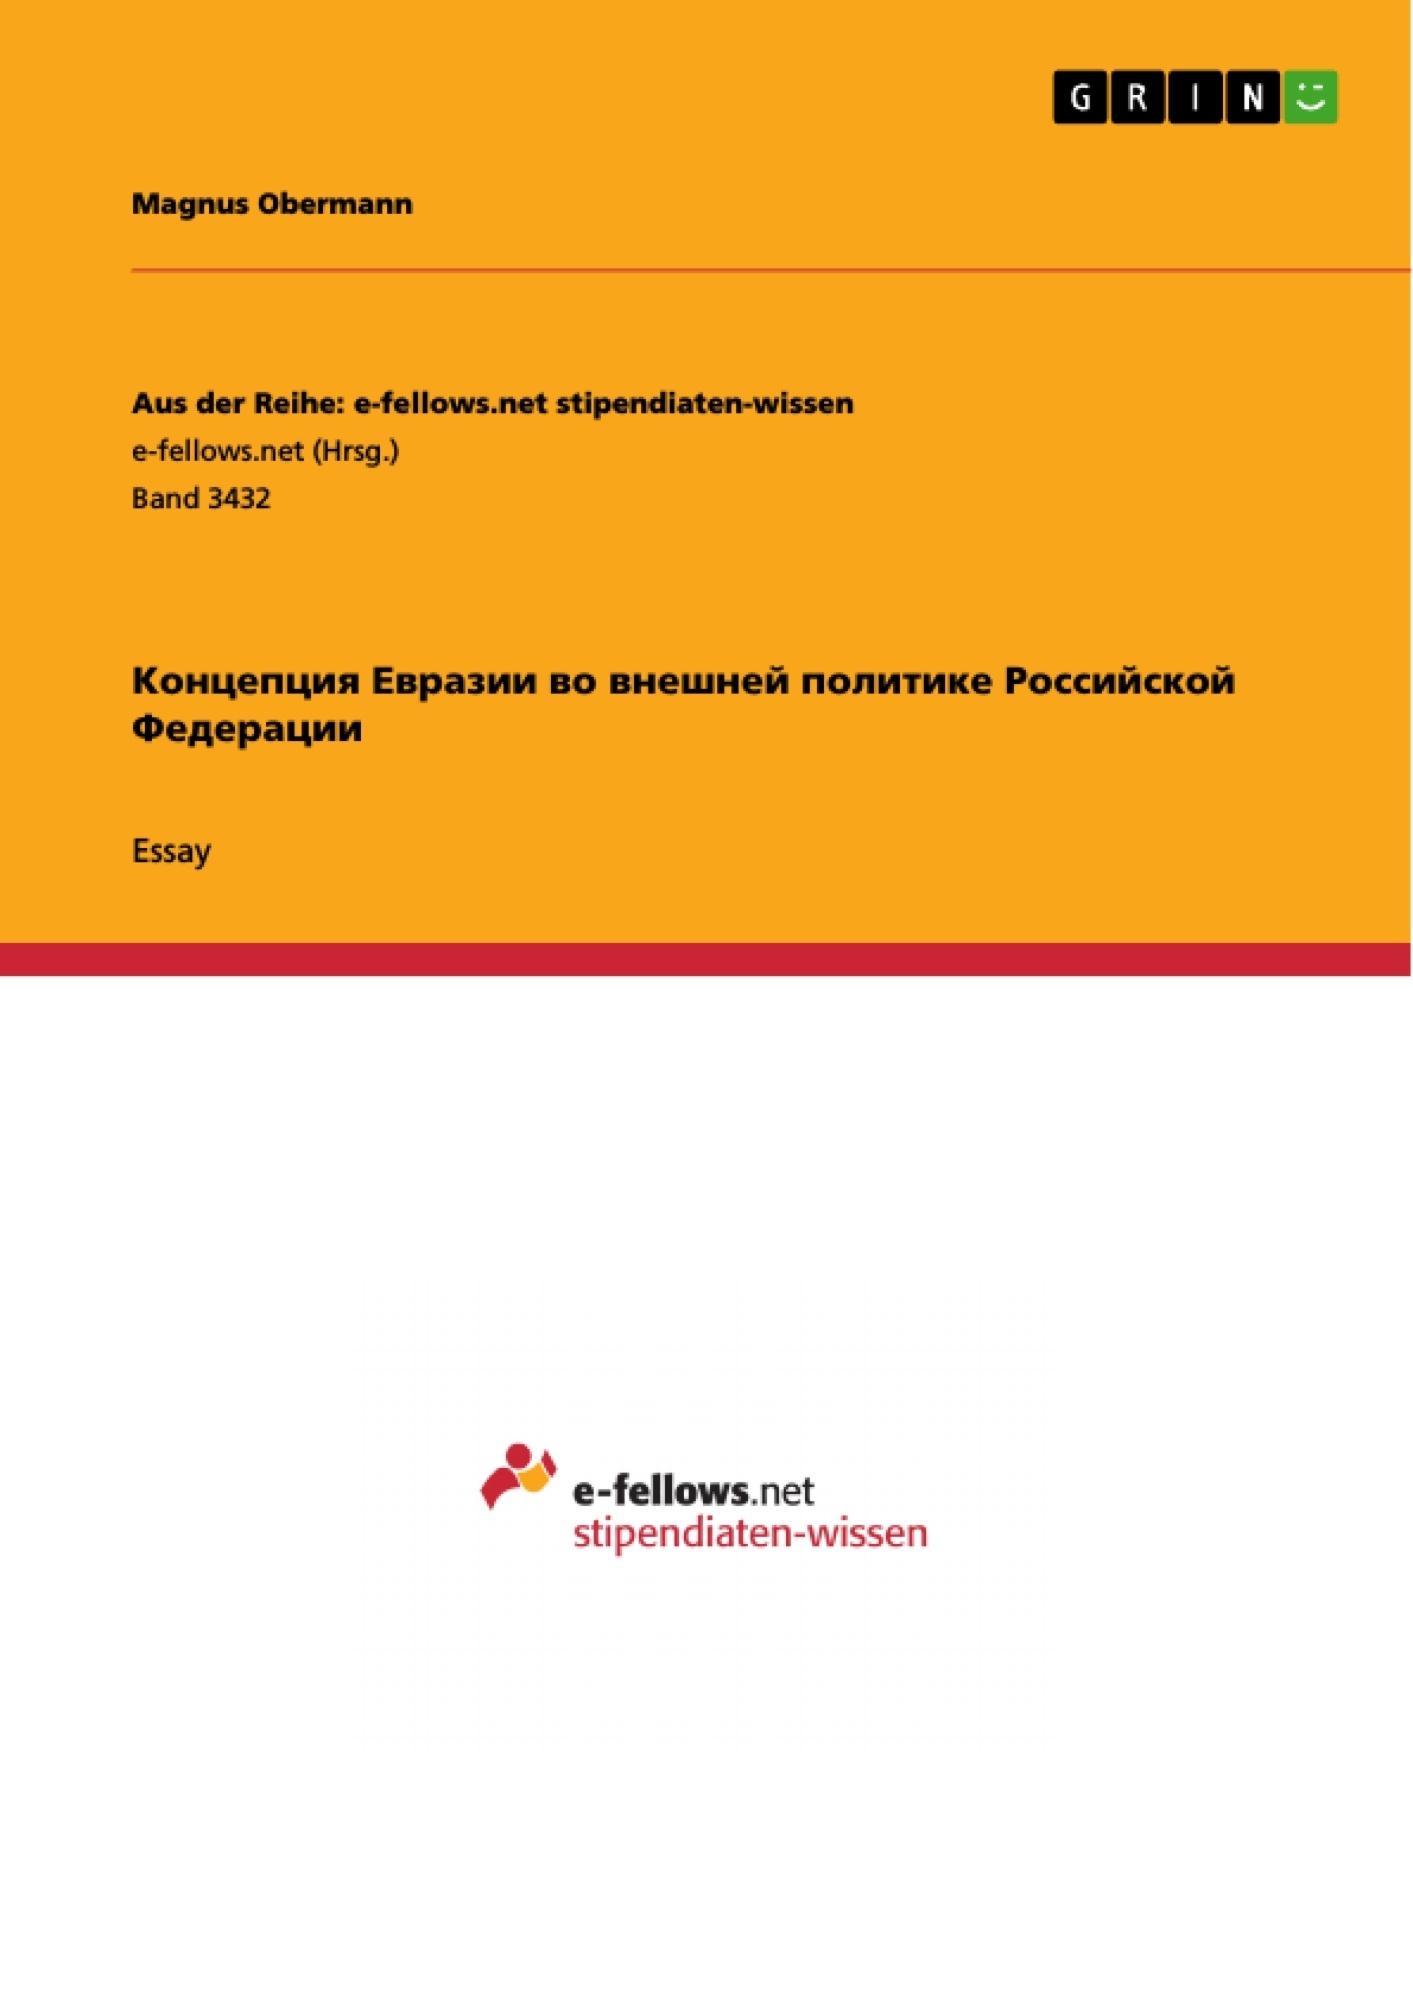 Title: Концепция Евразии во внешней политике Российской Федерации